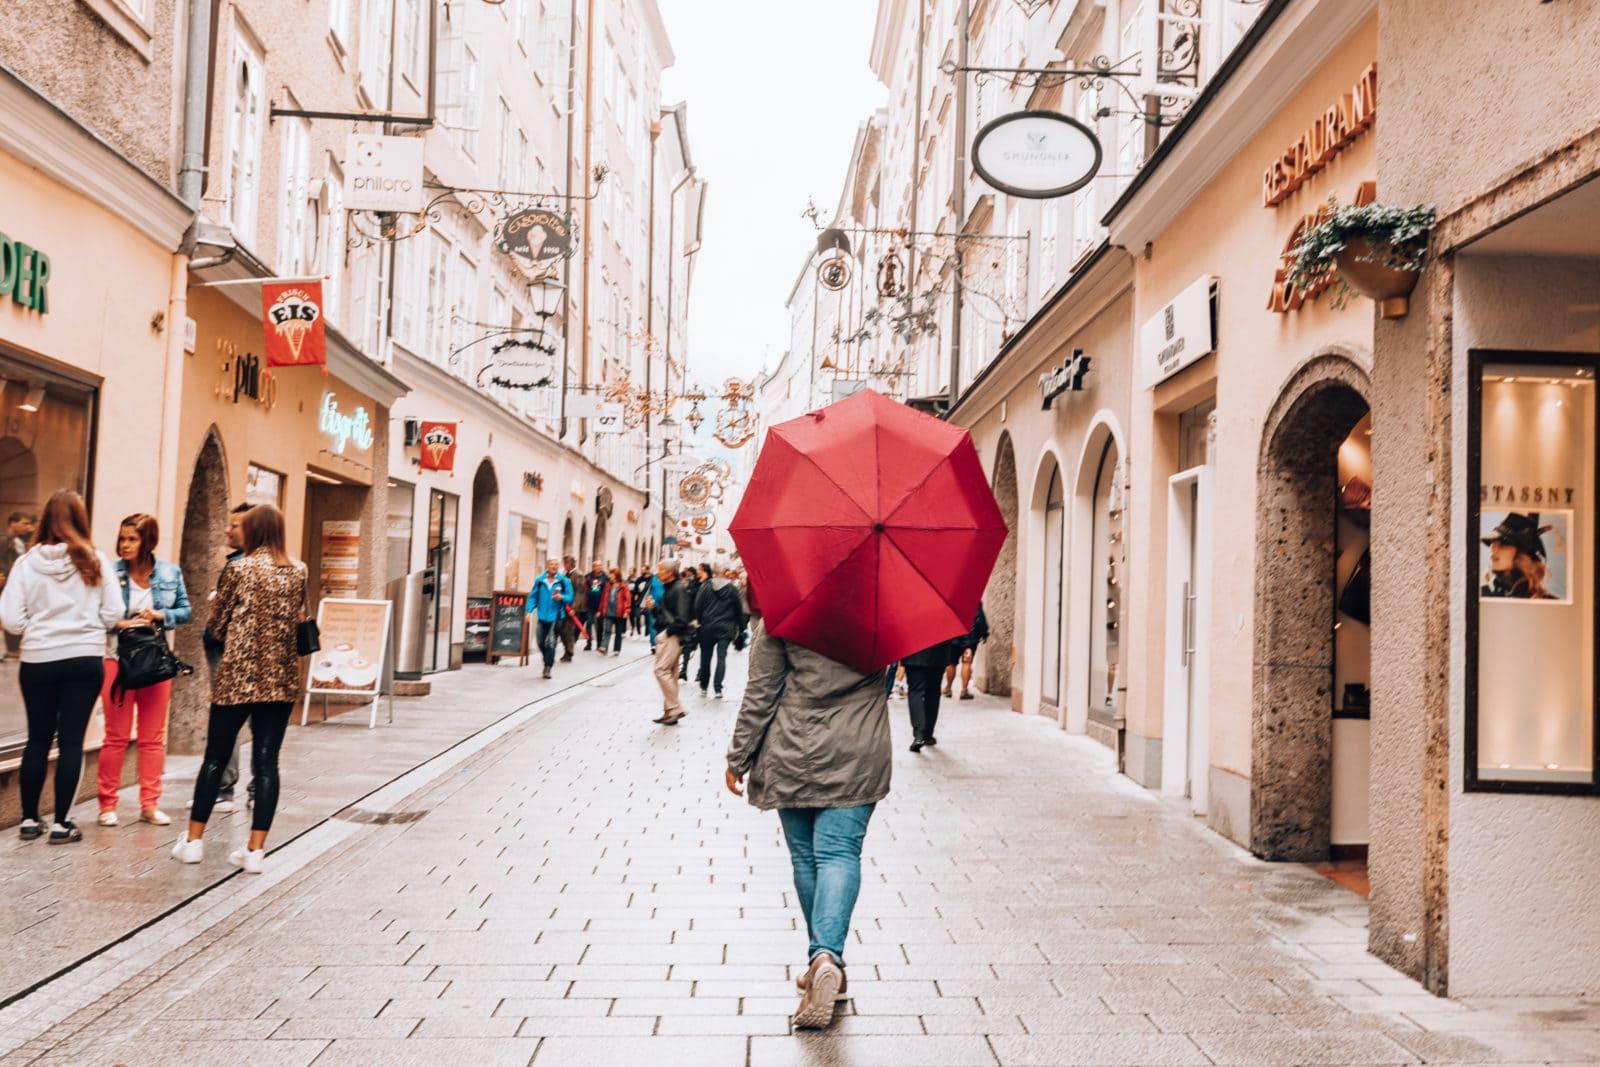 Frau mit Schirm in Salzburger Altstadt bei Schnürlregen, Regen in Salzburg